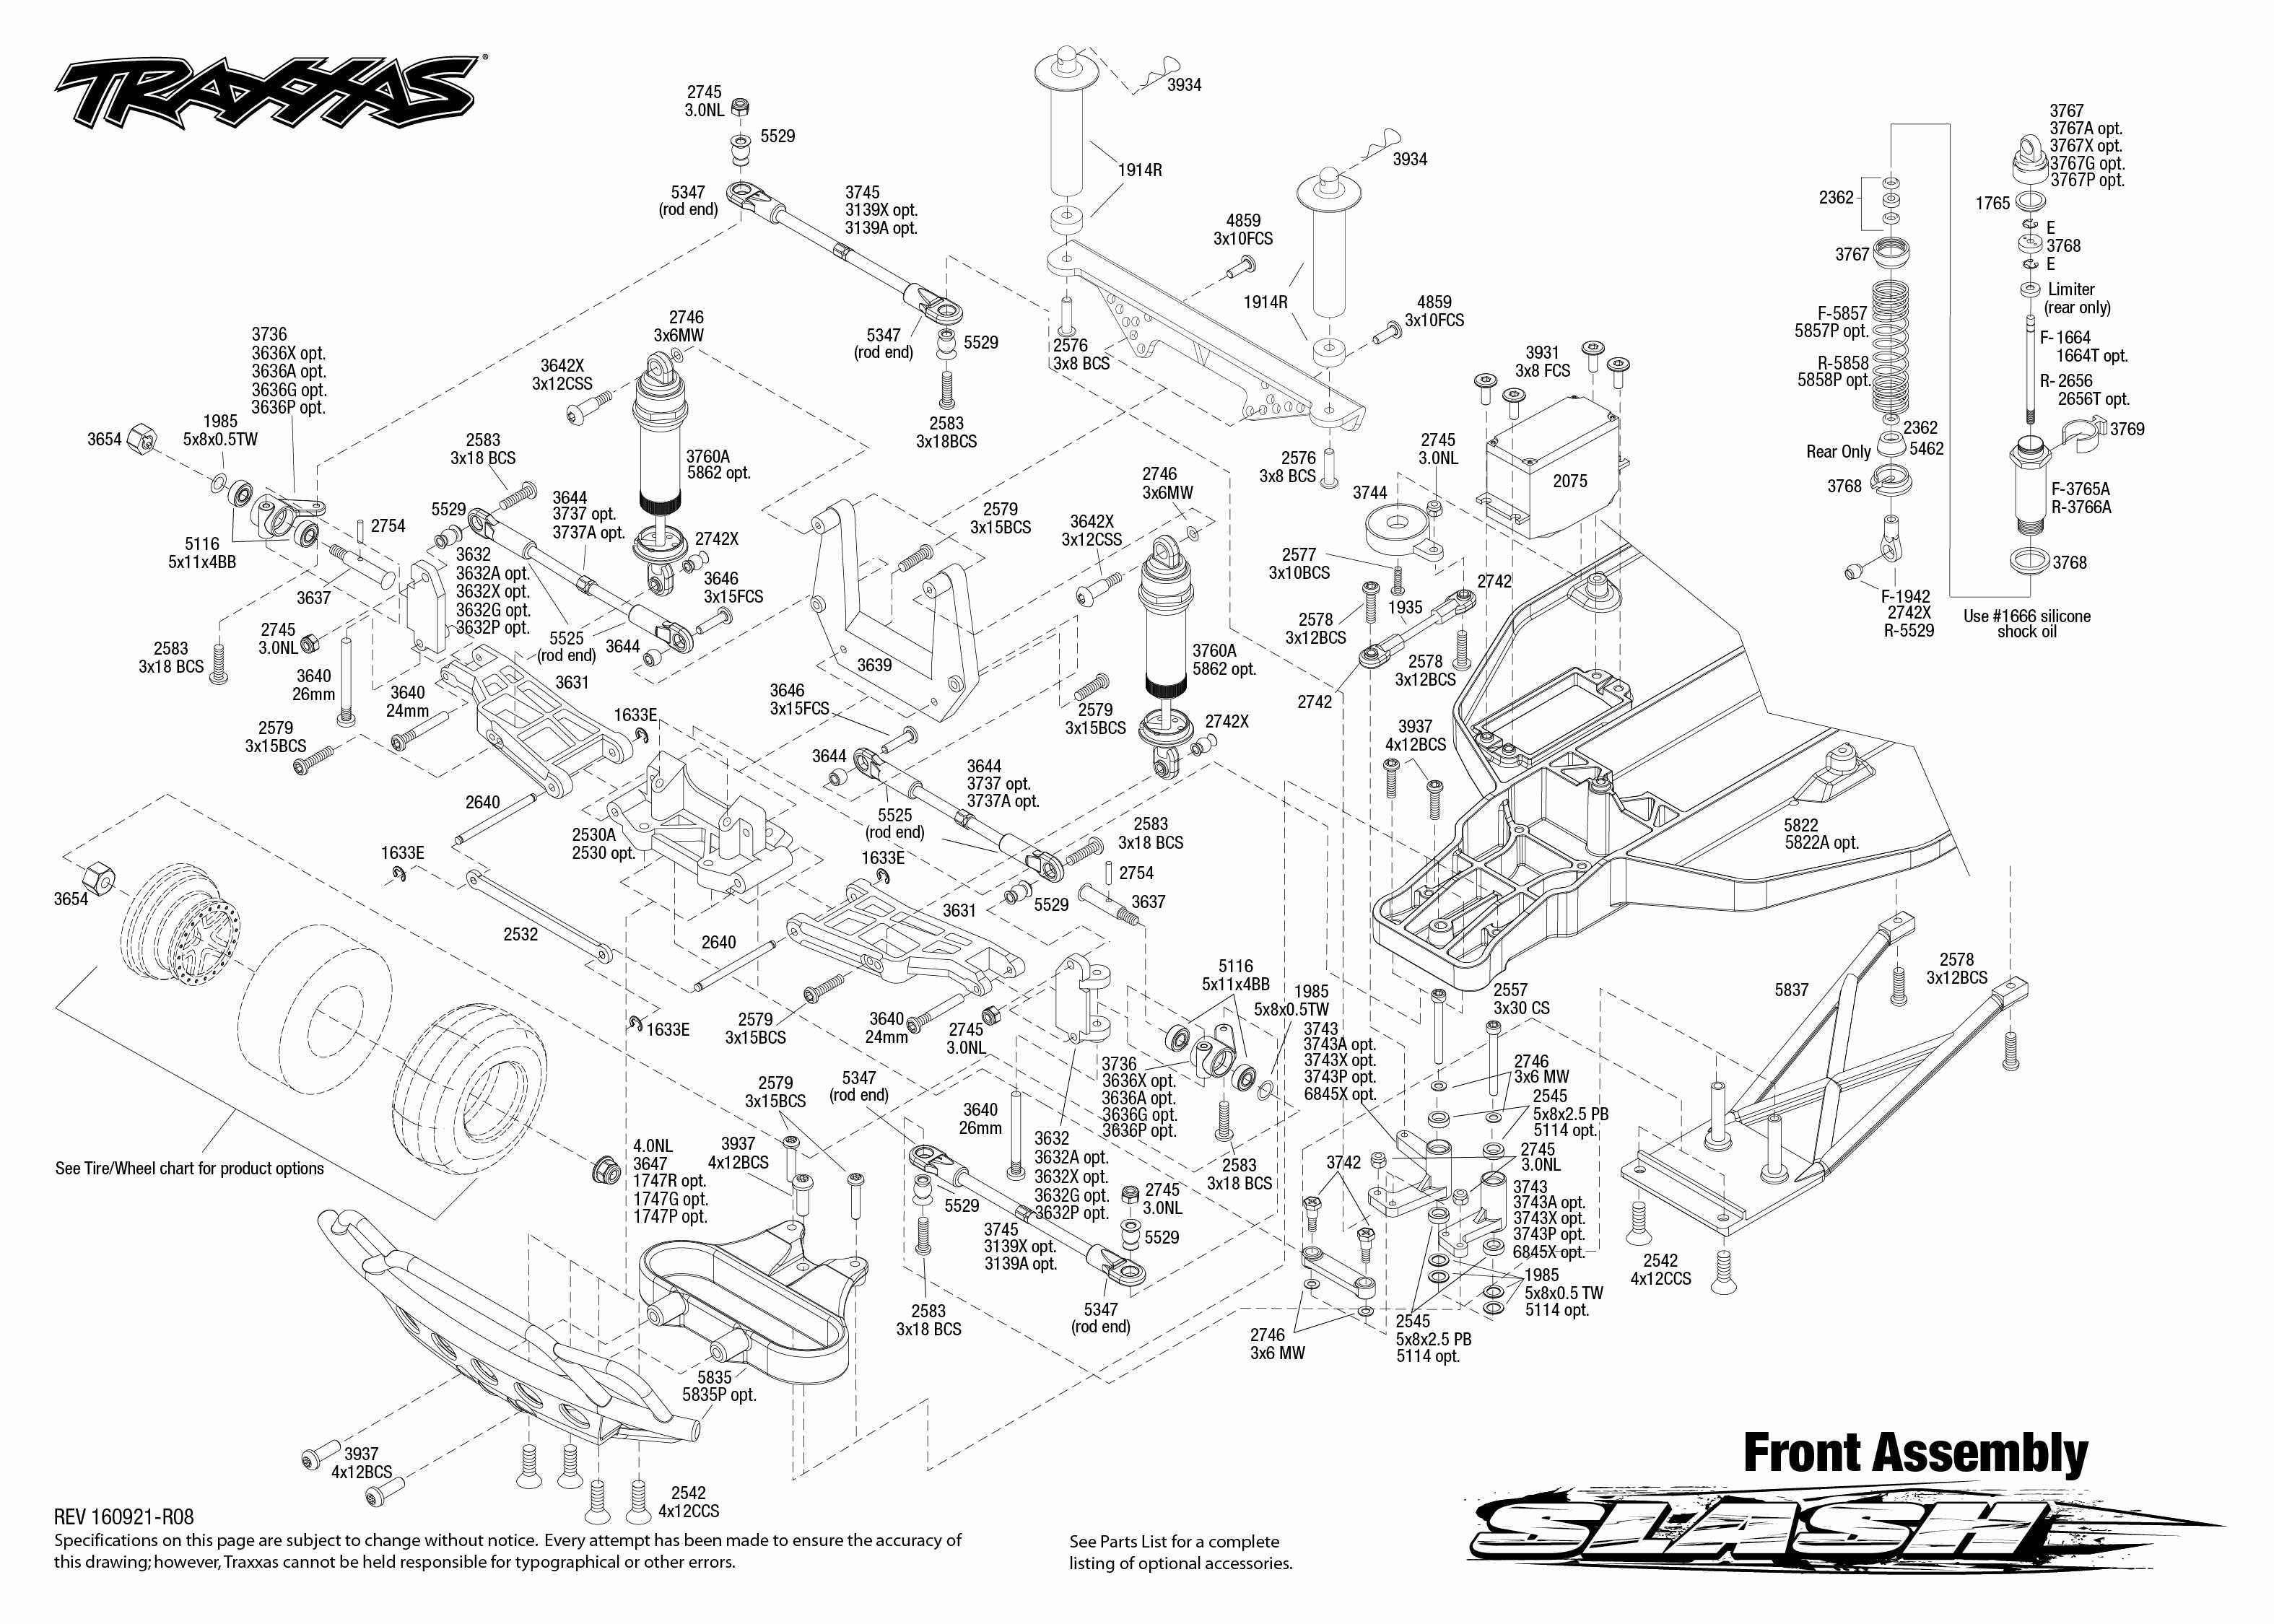 Motor Wiring Diagram Delco E on delco radio wiring diagram, delco generator wiring diagram, delco solenoid wiring diagram, delco alternator wiring diagram, delco electronics wiring diagram,